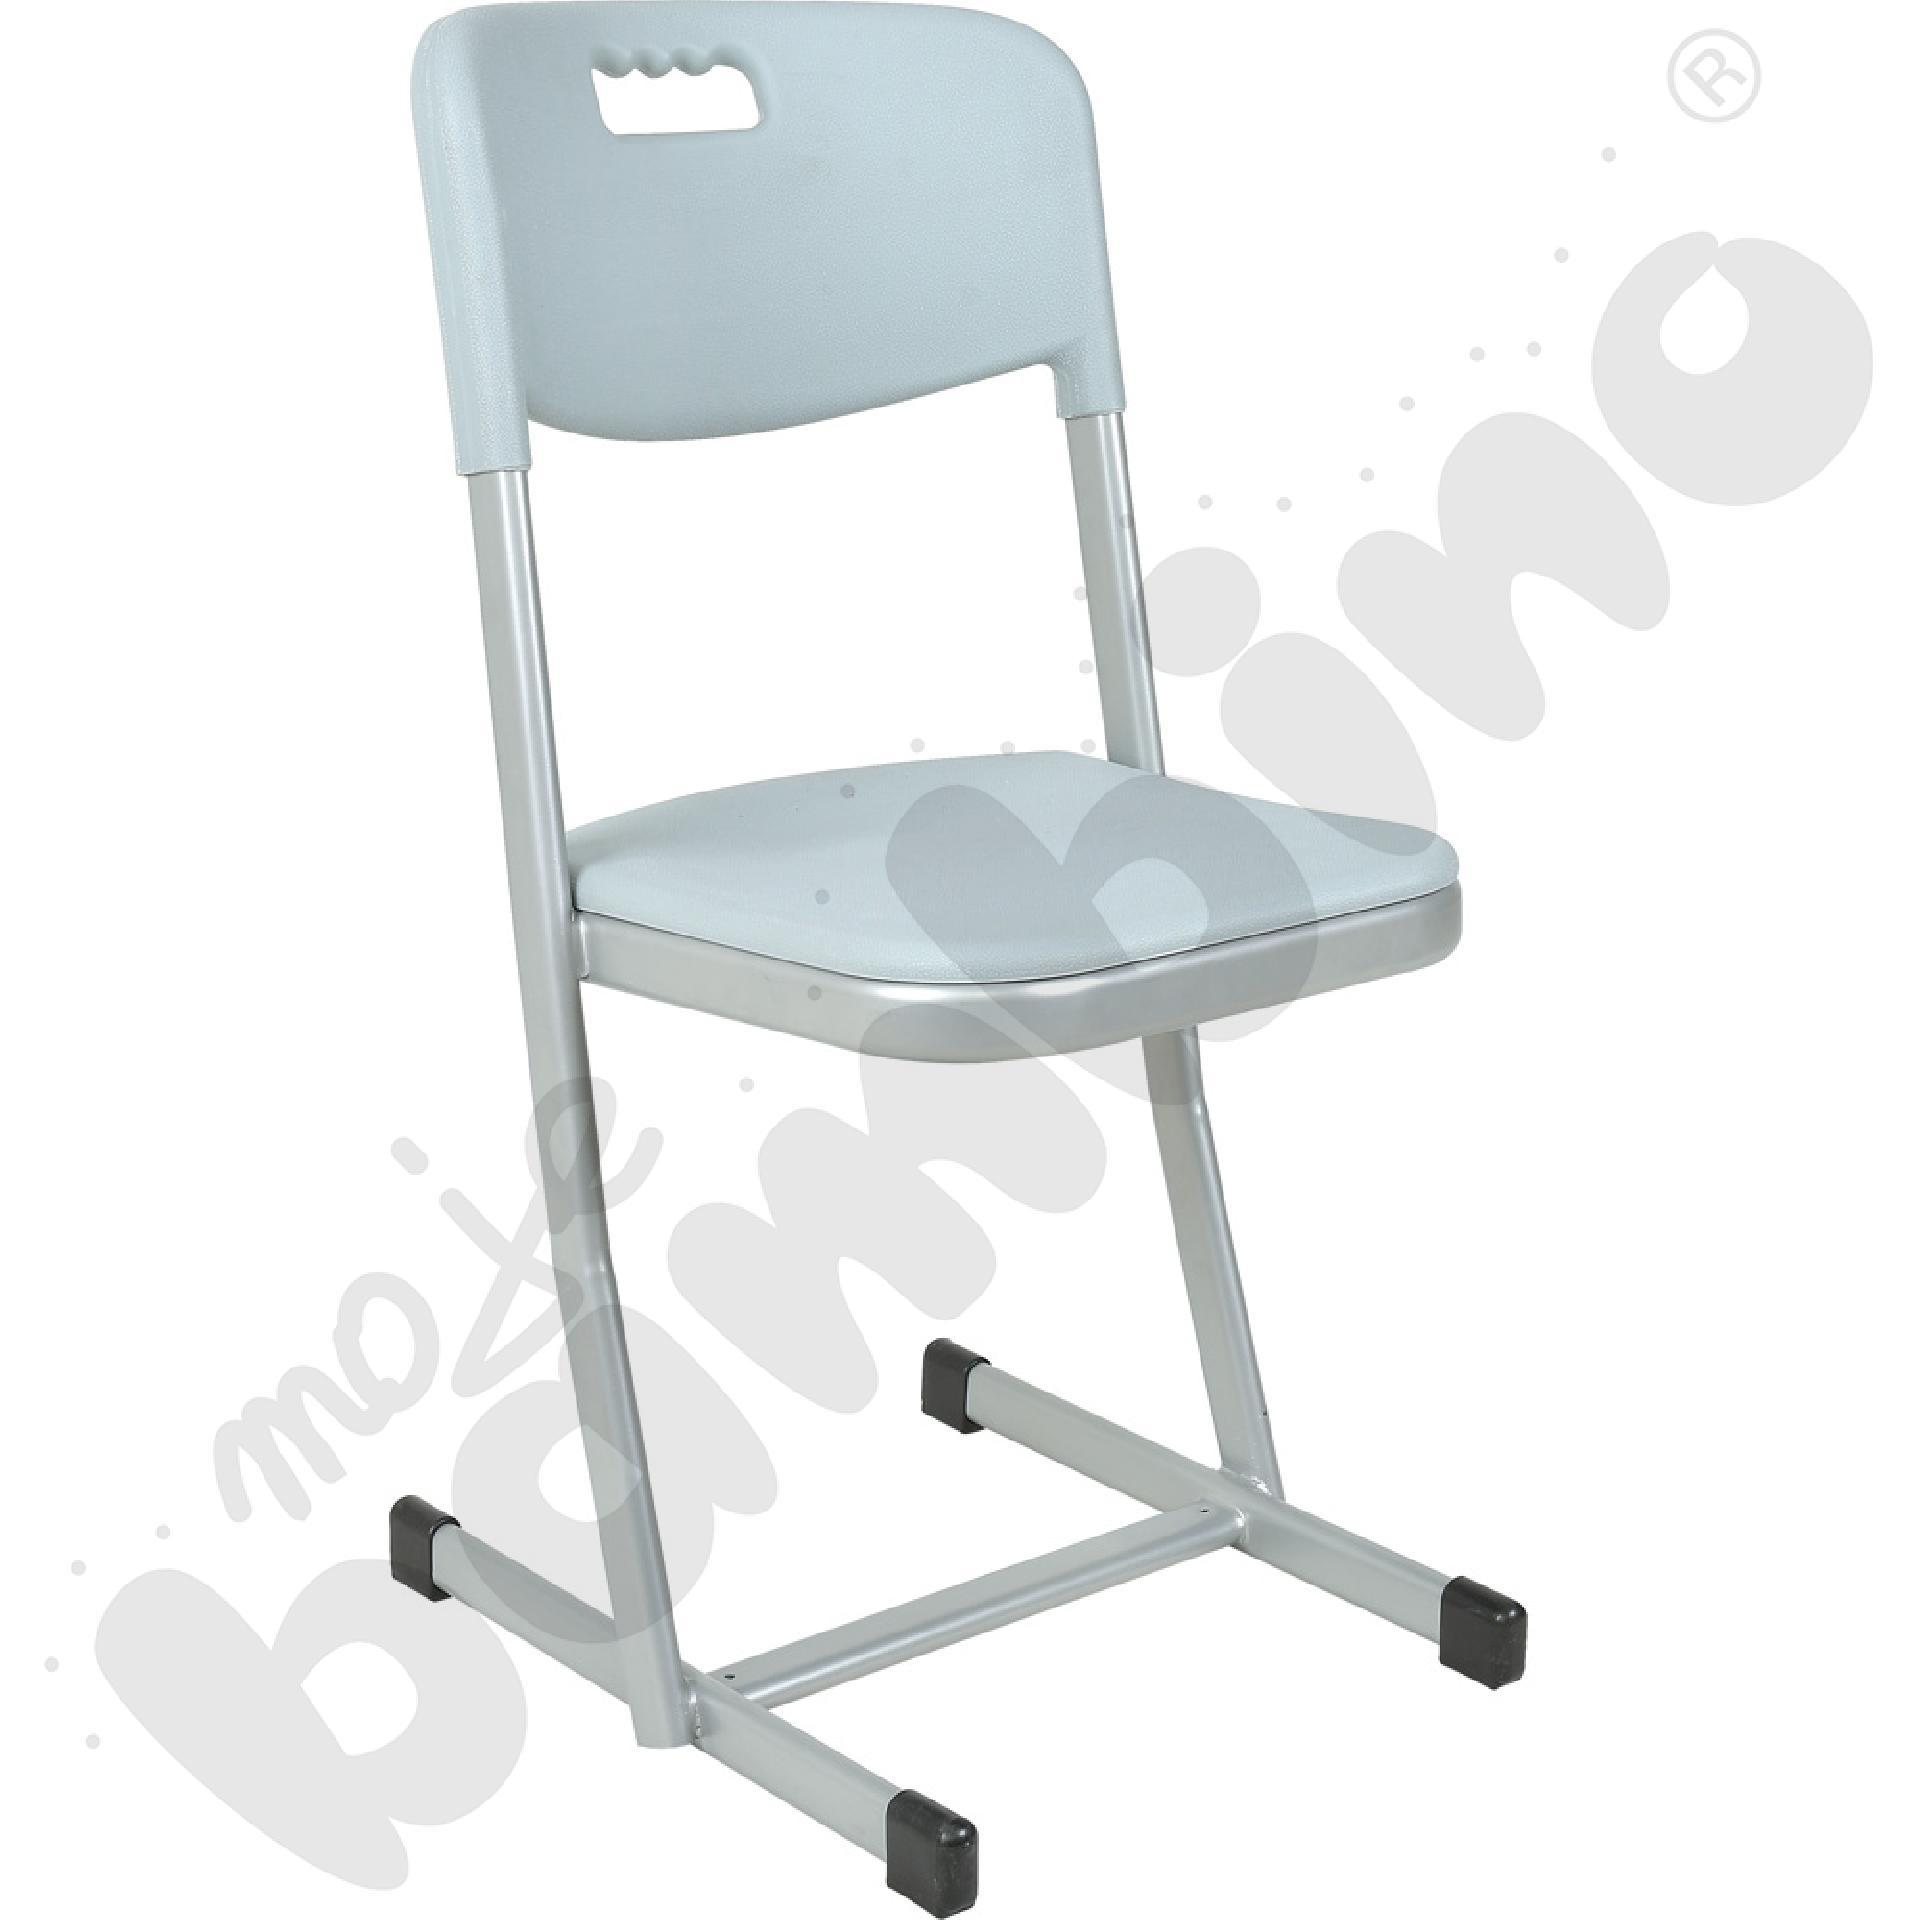 Krzesło T pop-up, rozm. 6